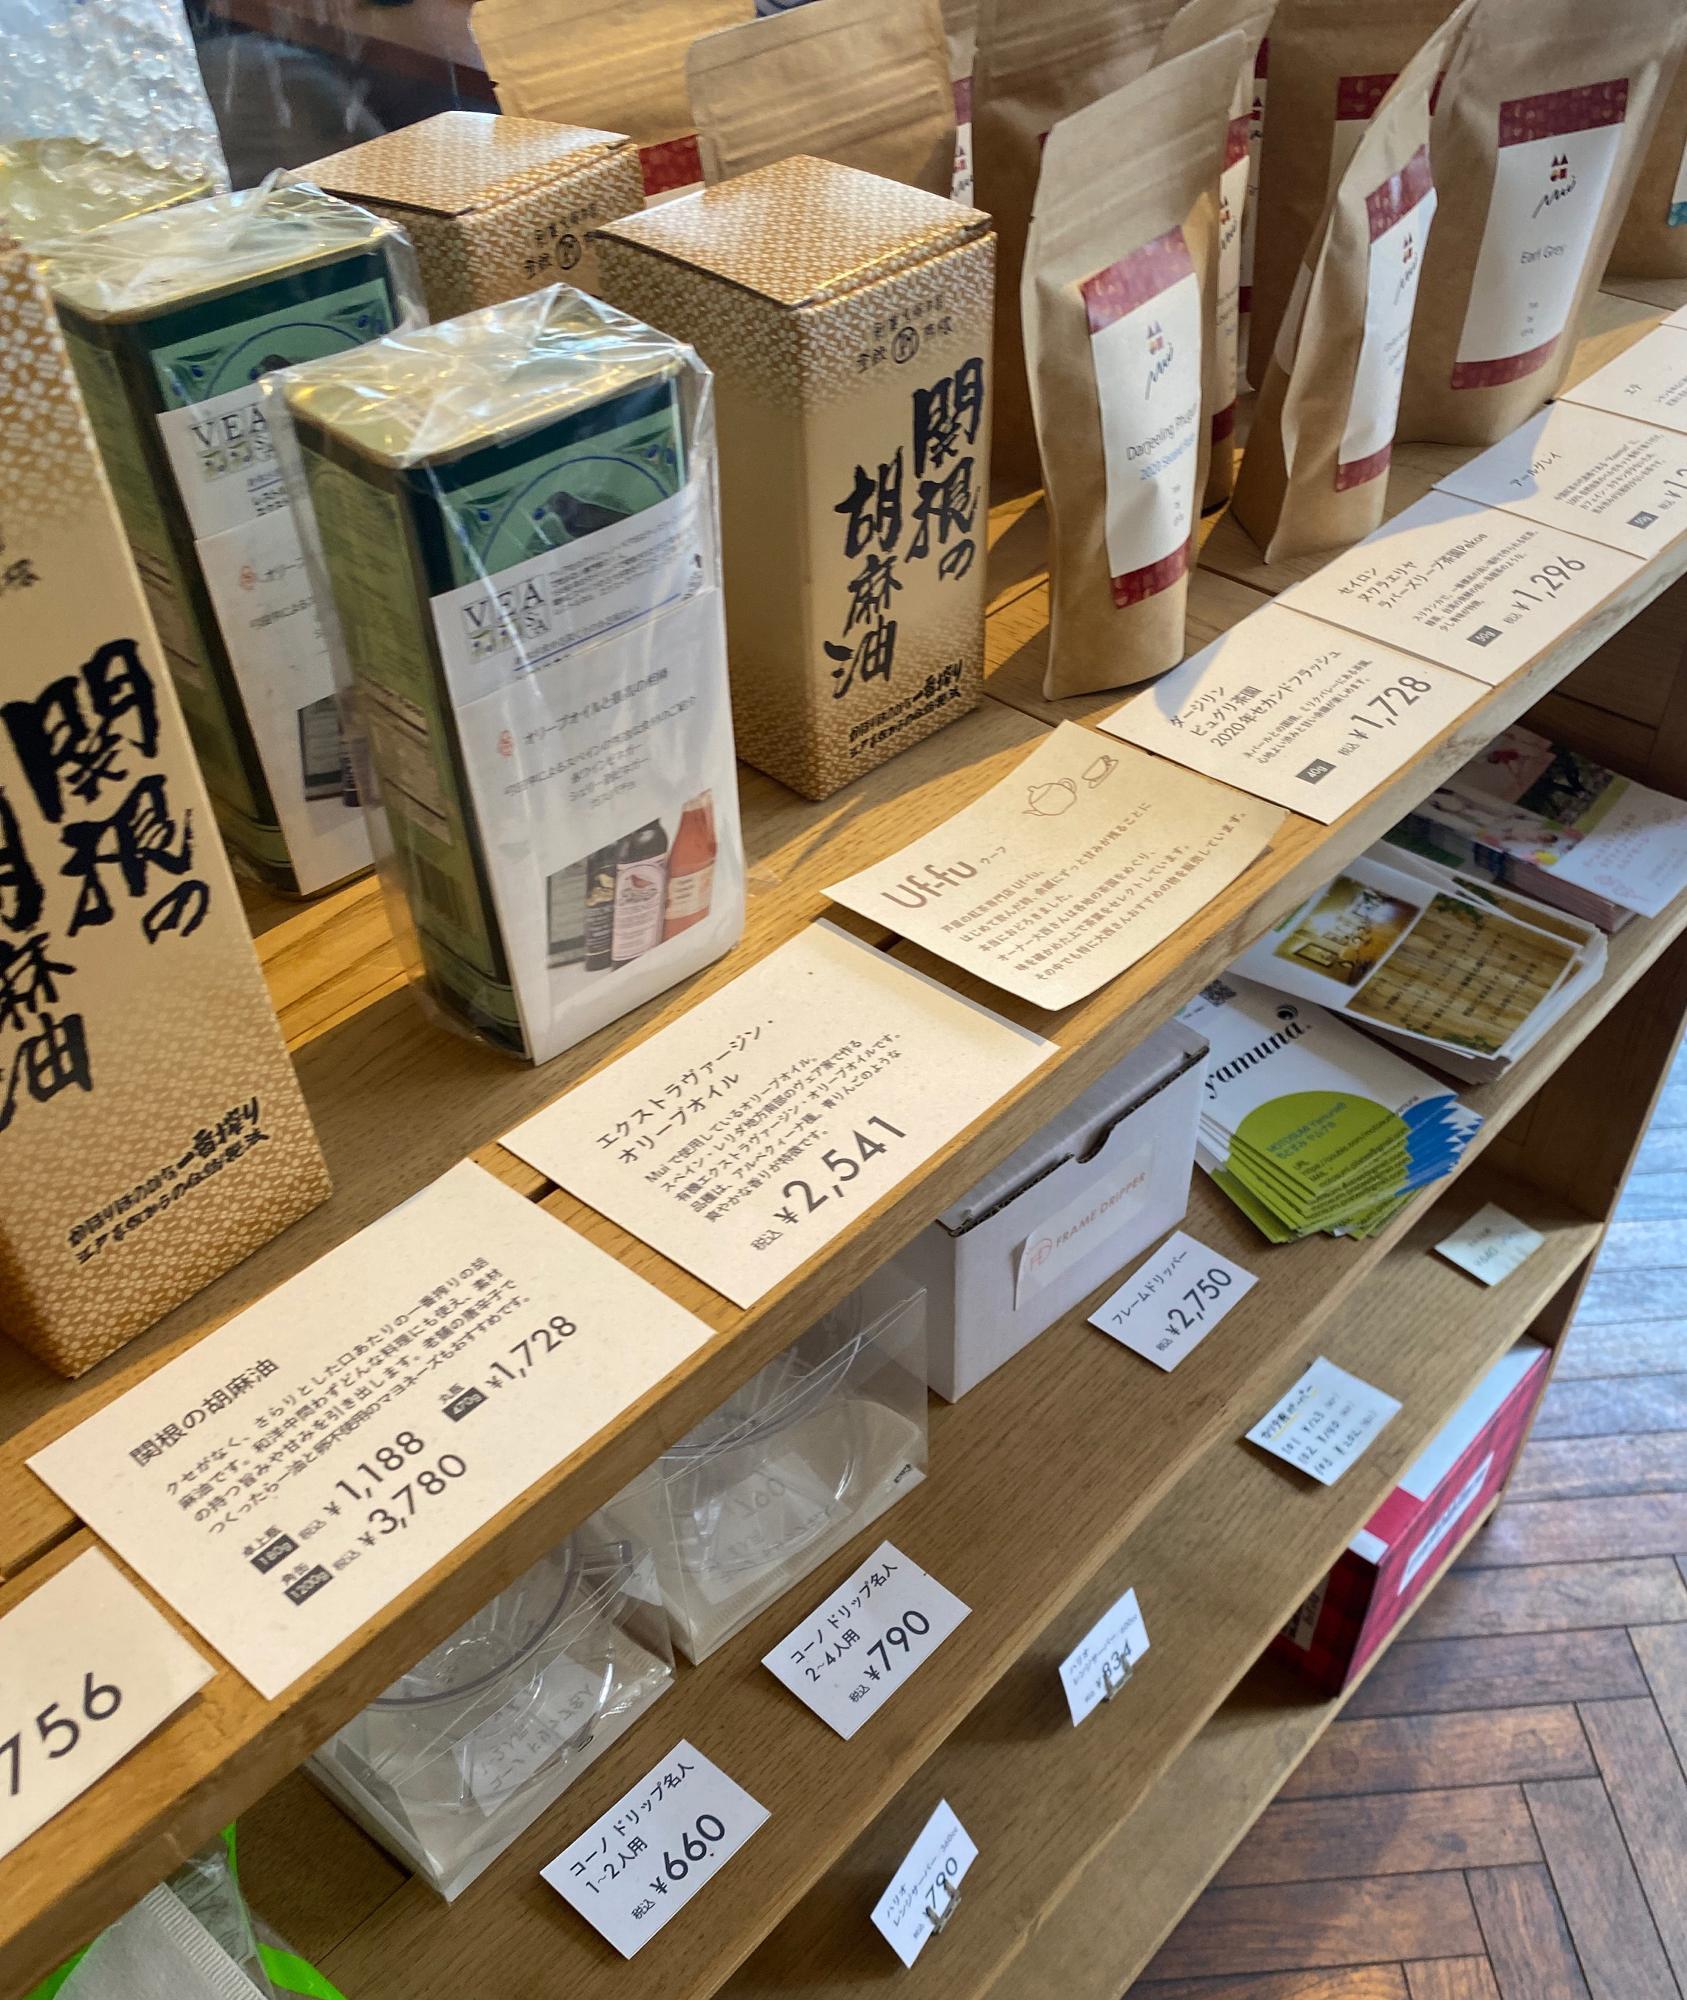 紅茶やコーヒーの器具も購入できます